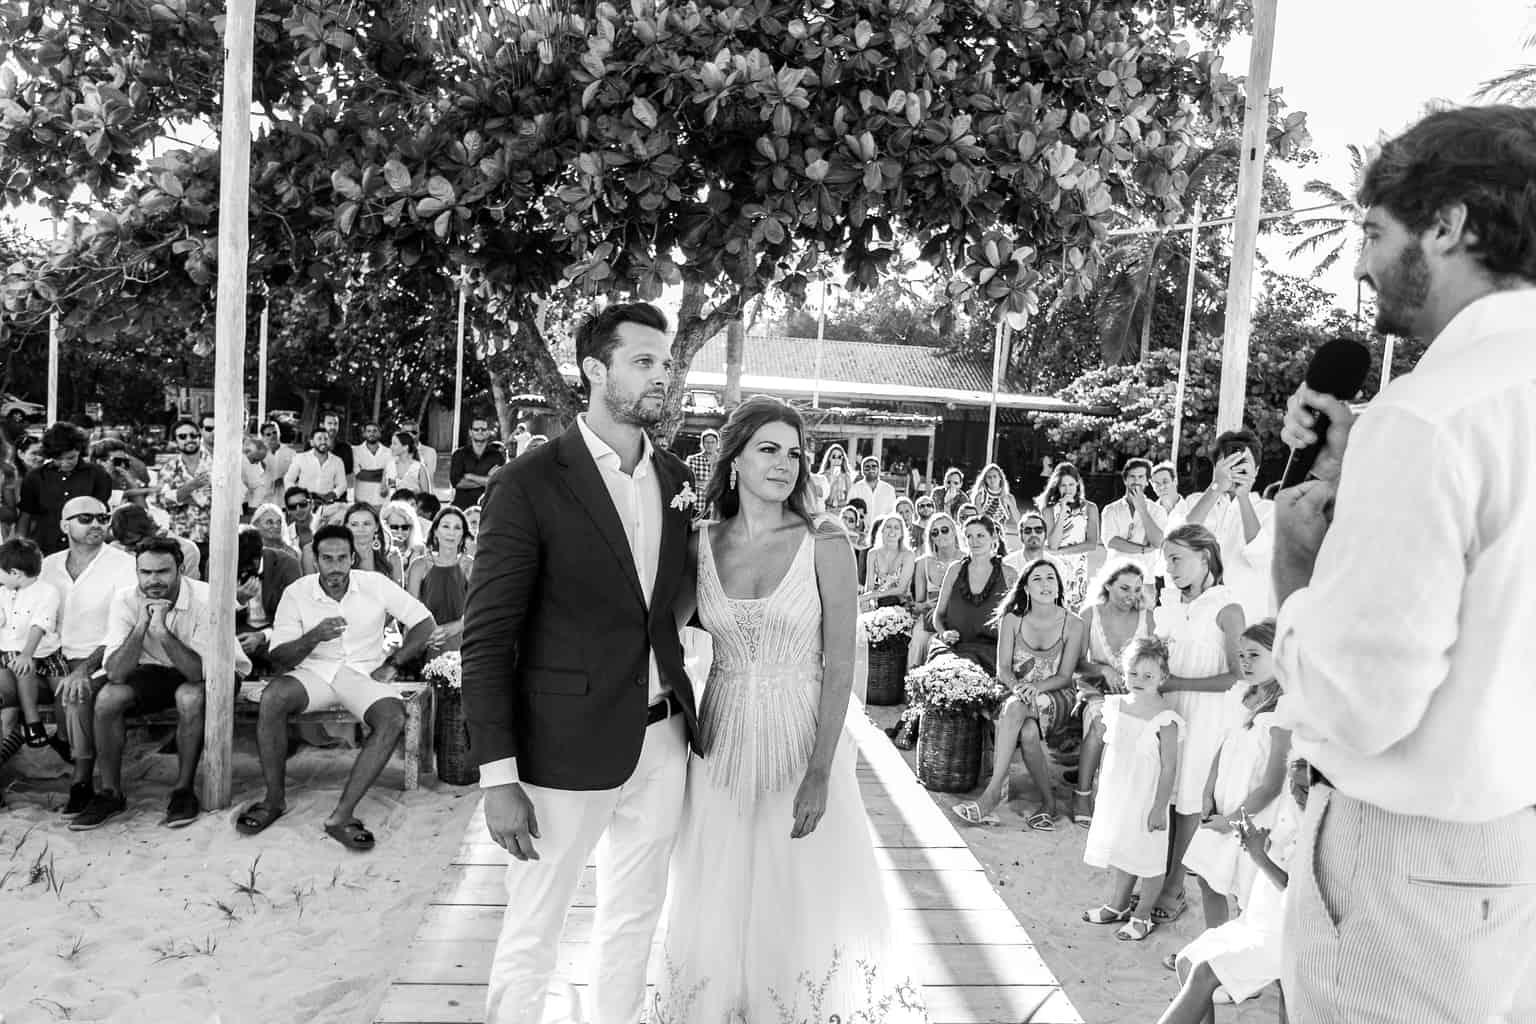 Casamento-Victoria-e-Christian-Fotografia-Tiago-Saldanha-Cerimônia403_MG_2602